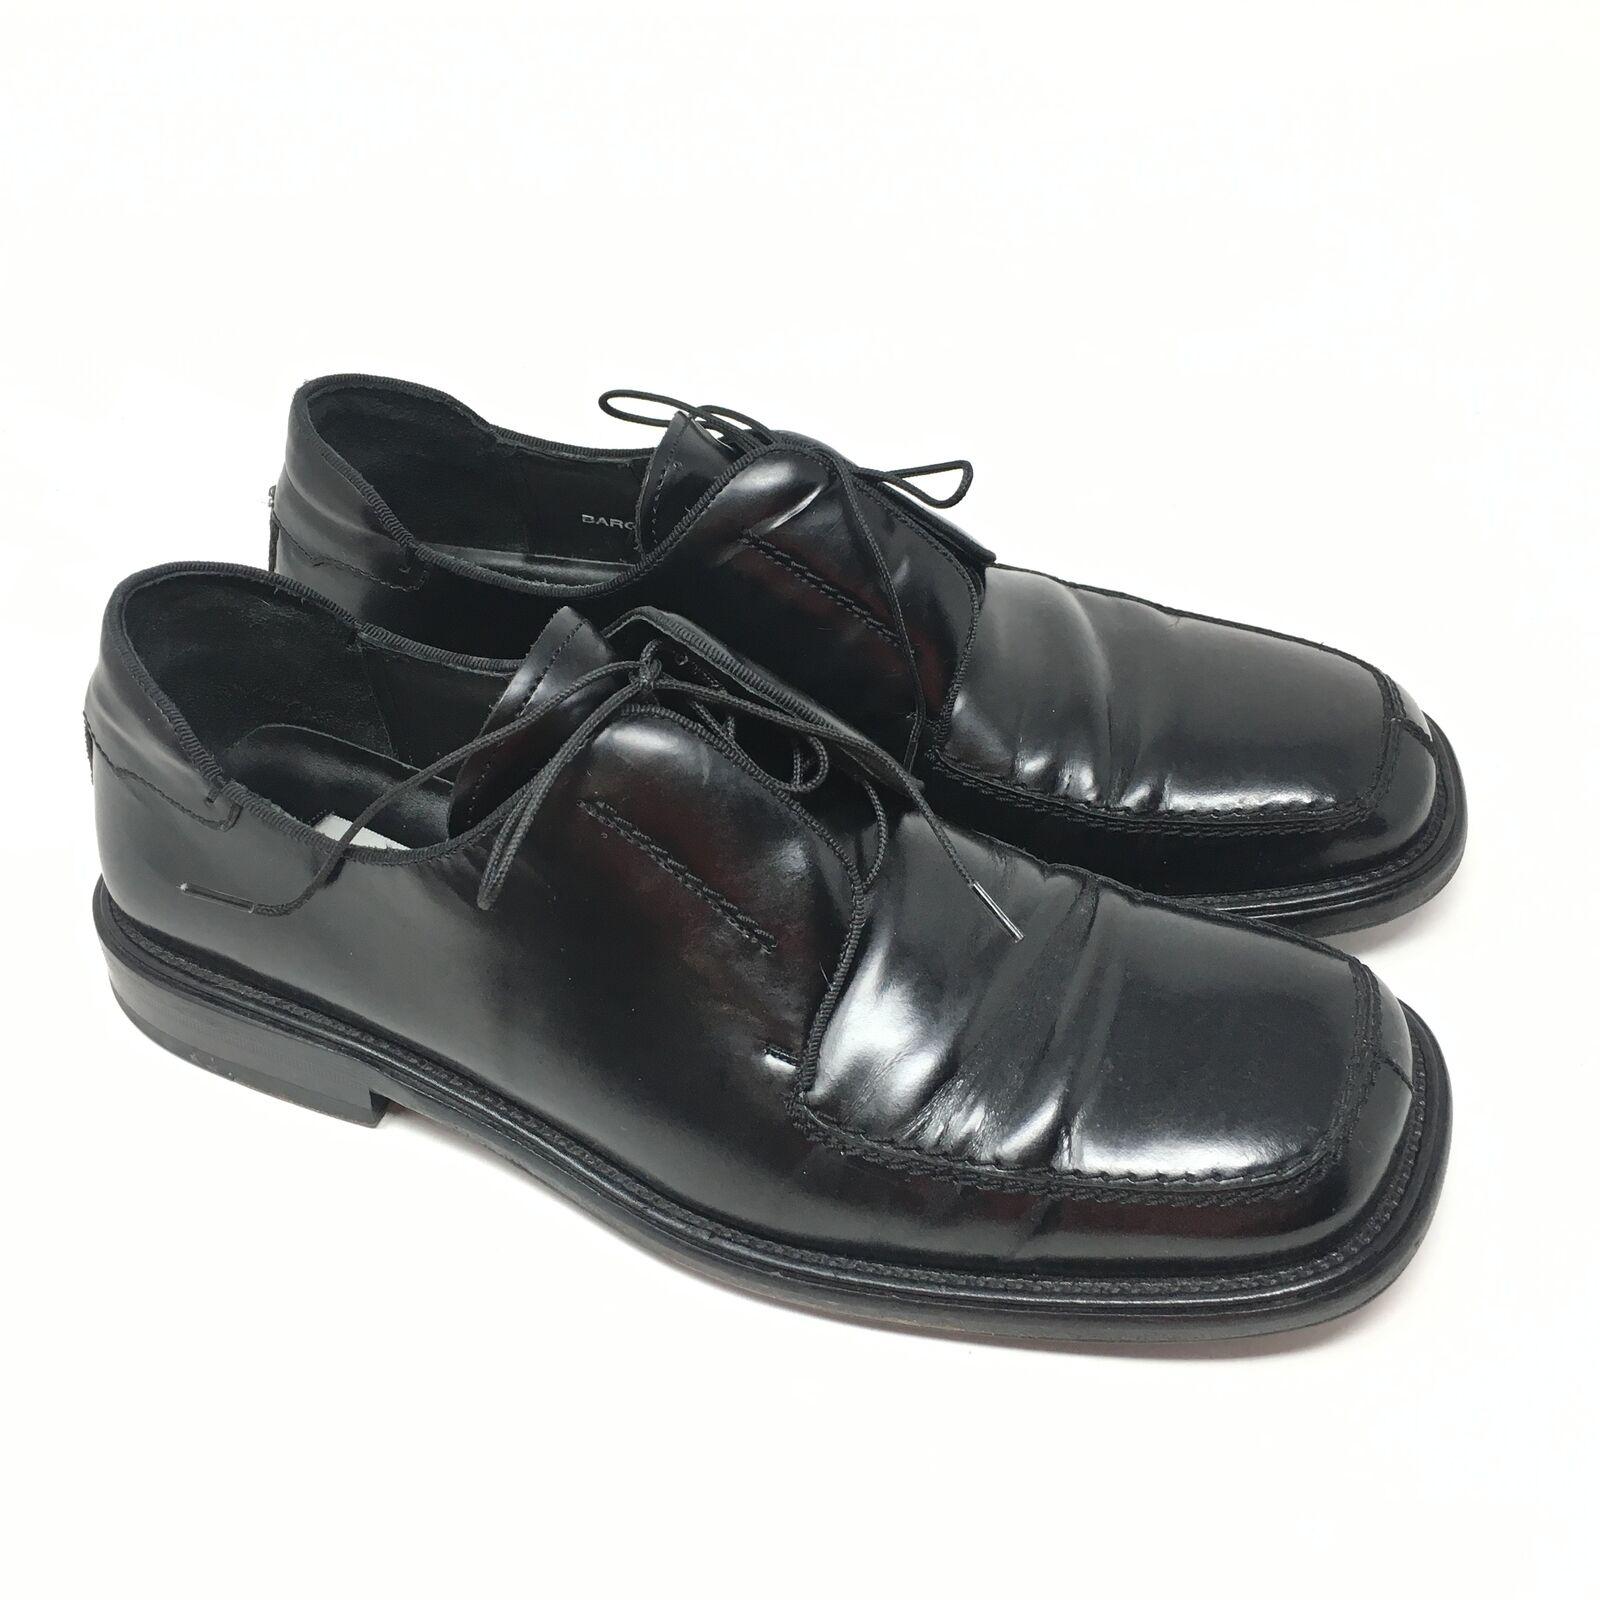 edizione limitata Uomo Mezlan Bargino scarpe Oxford Dimensione 10M nero Leather Apron Apron Apron Toe Made Spain K5  seleziona tra le nuove marche come